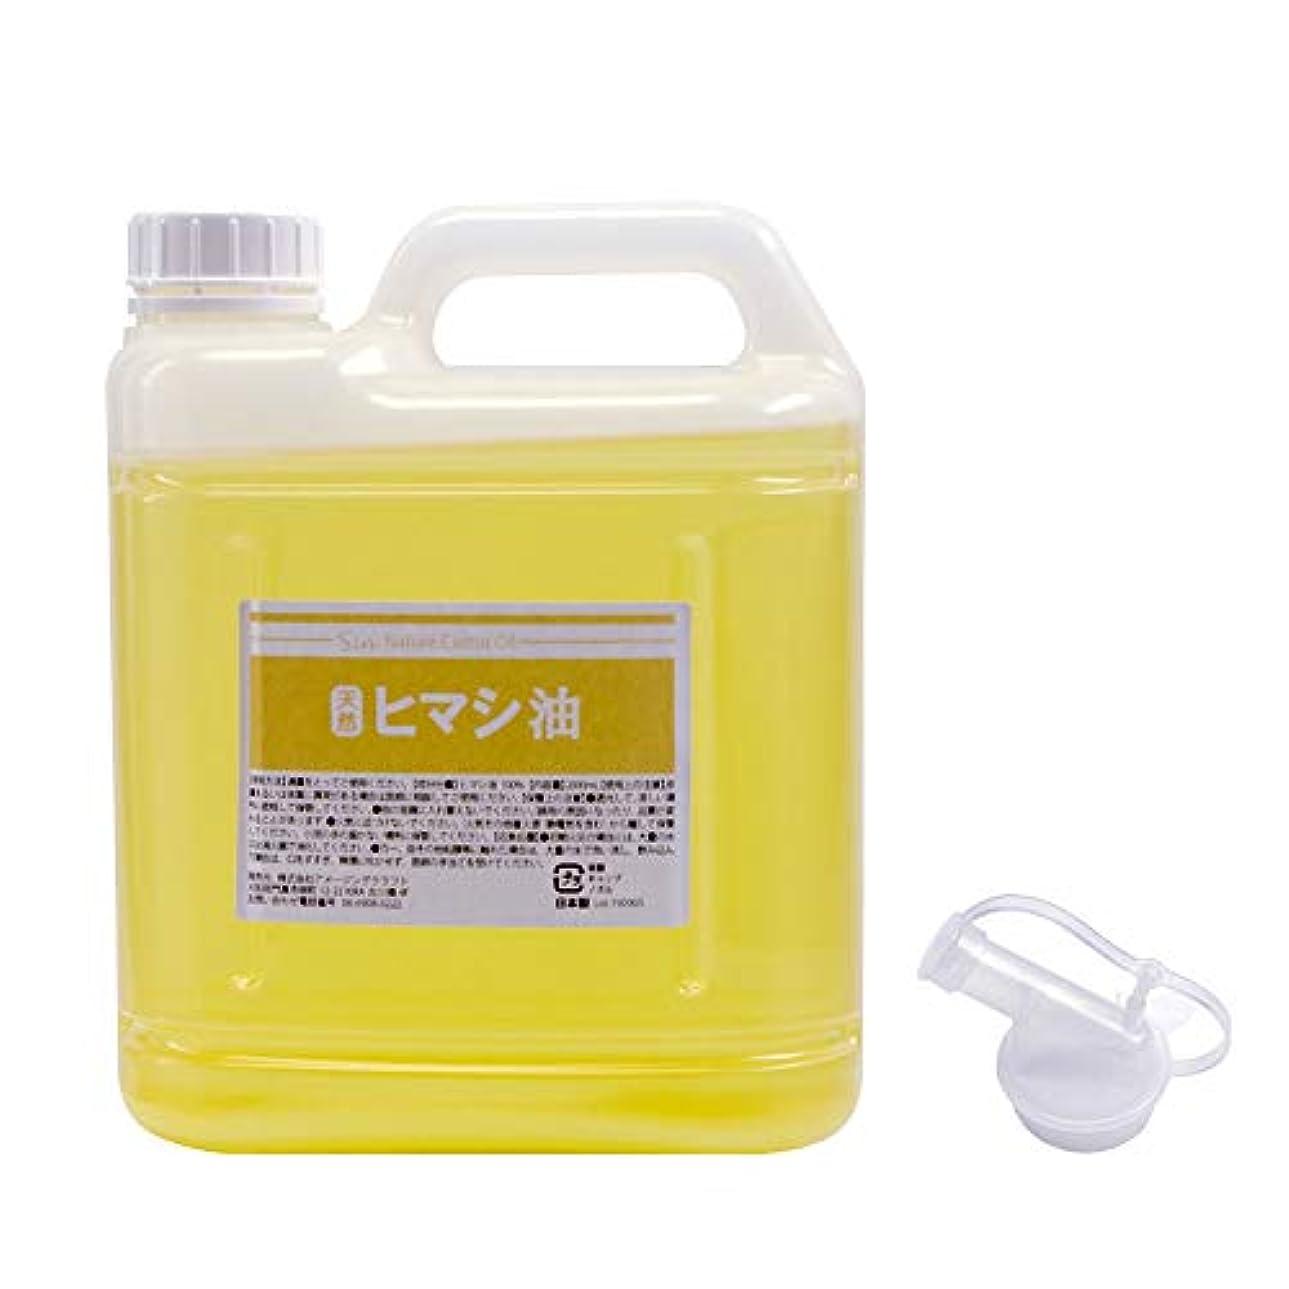 ペナルティおしゃれじゃないタイムリーな天然無添加 国内精製ひまし油 (キャスターオイル) 2000ml 2L